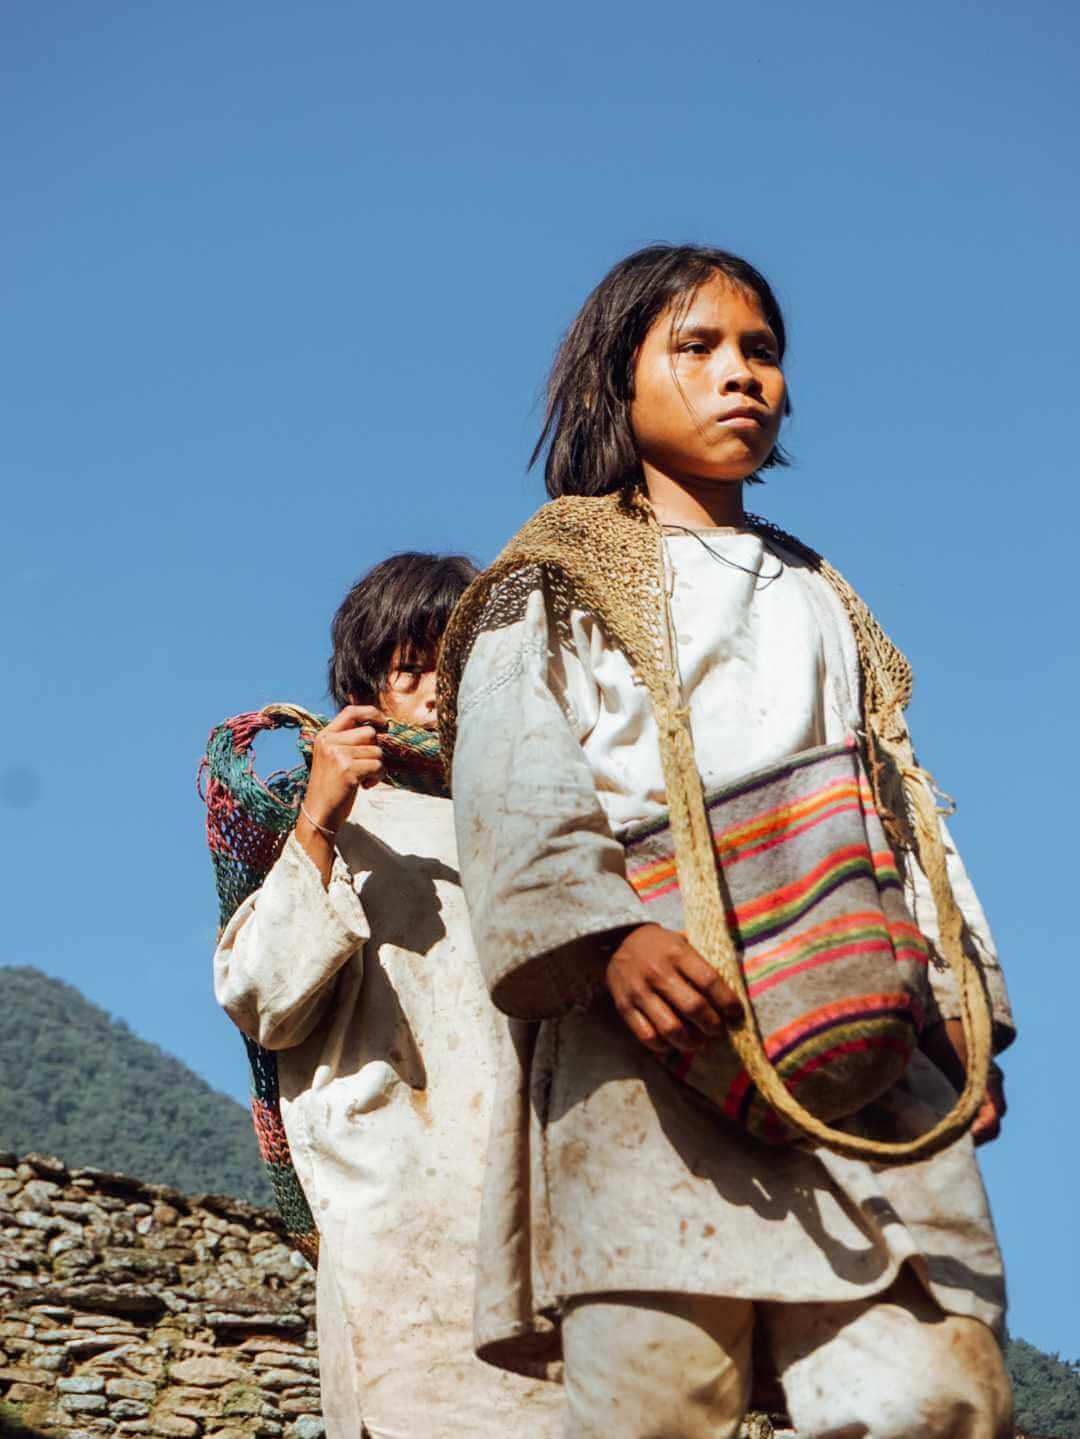 Pueblos indígenas de Ciudad Perdida Teyuna Santa Marta